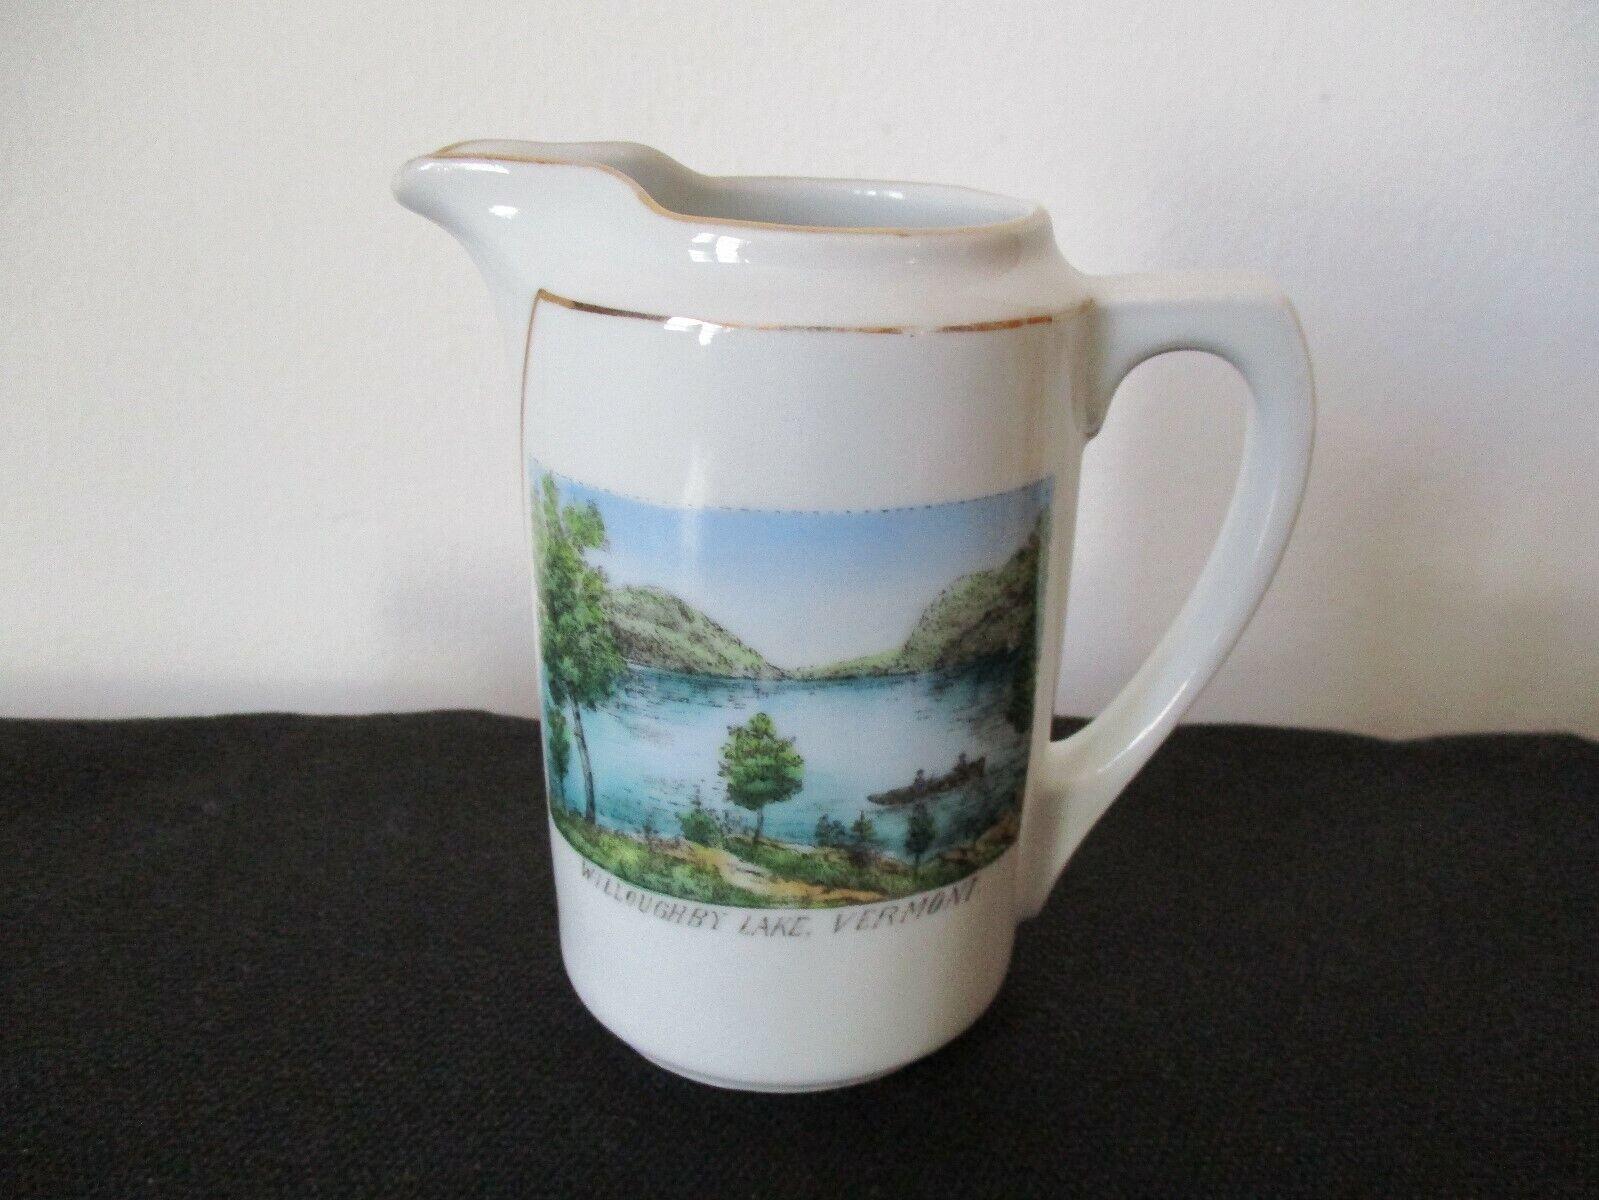 Circa 1915 Souvenir Porcelain Creamer Willoughby Lake Orleans Vermont